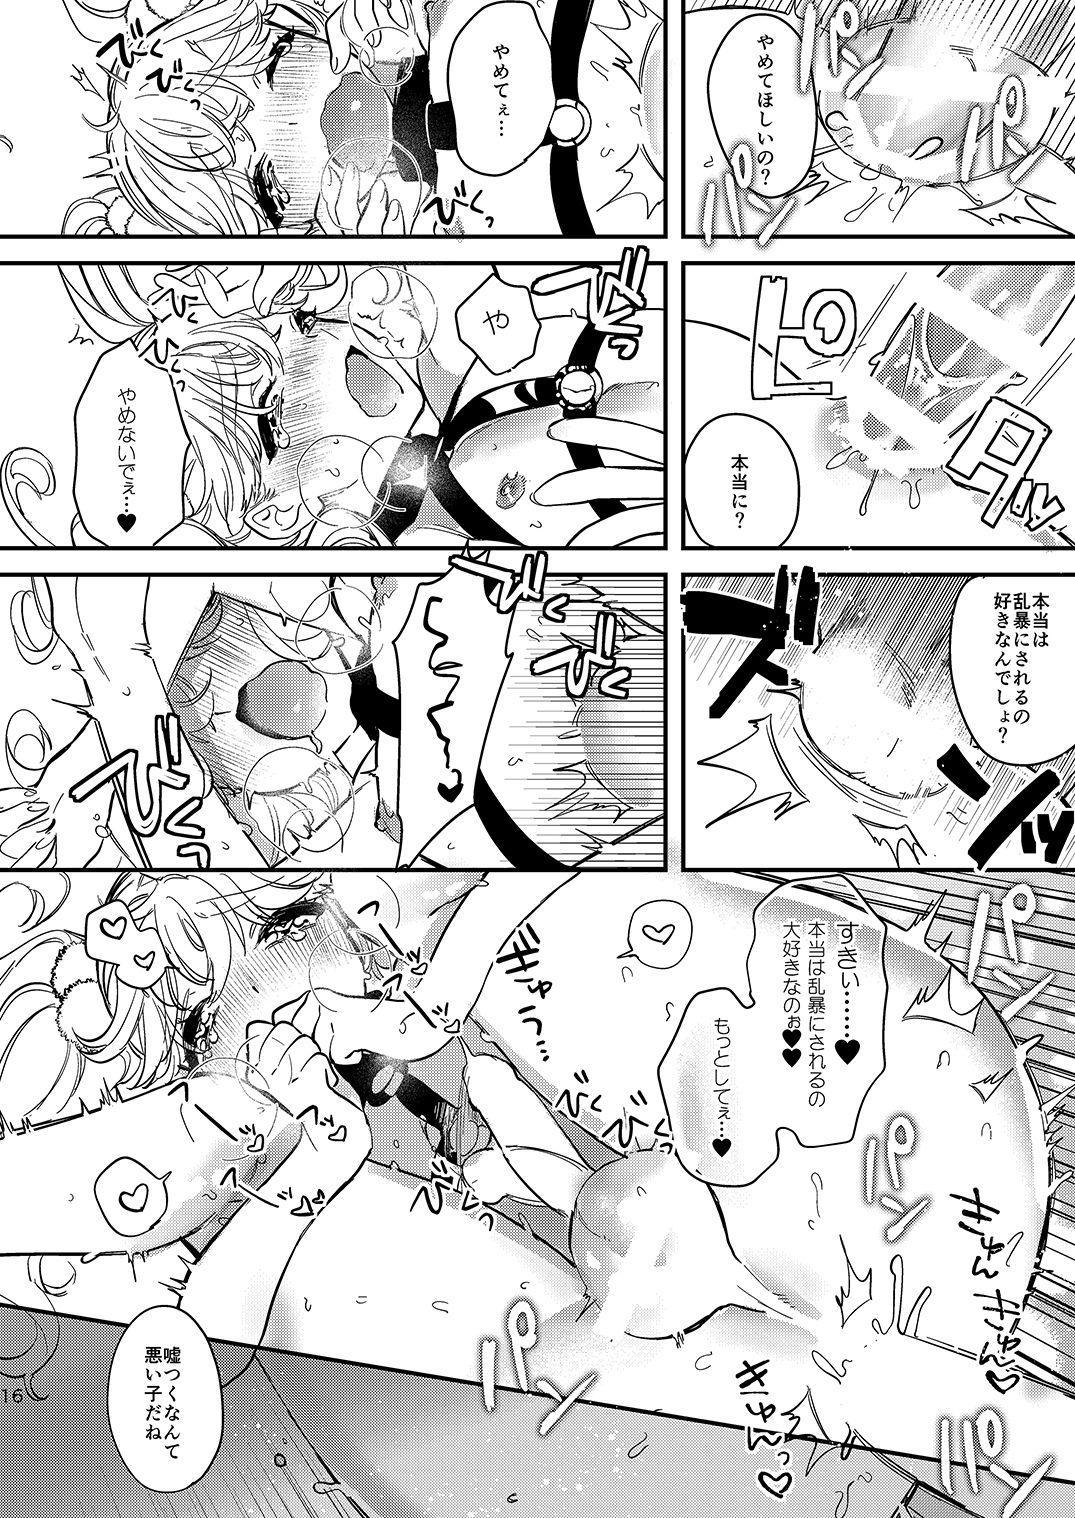 Anju to Karaoke de Kimochi ii Koto Shiyou yo 14